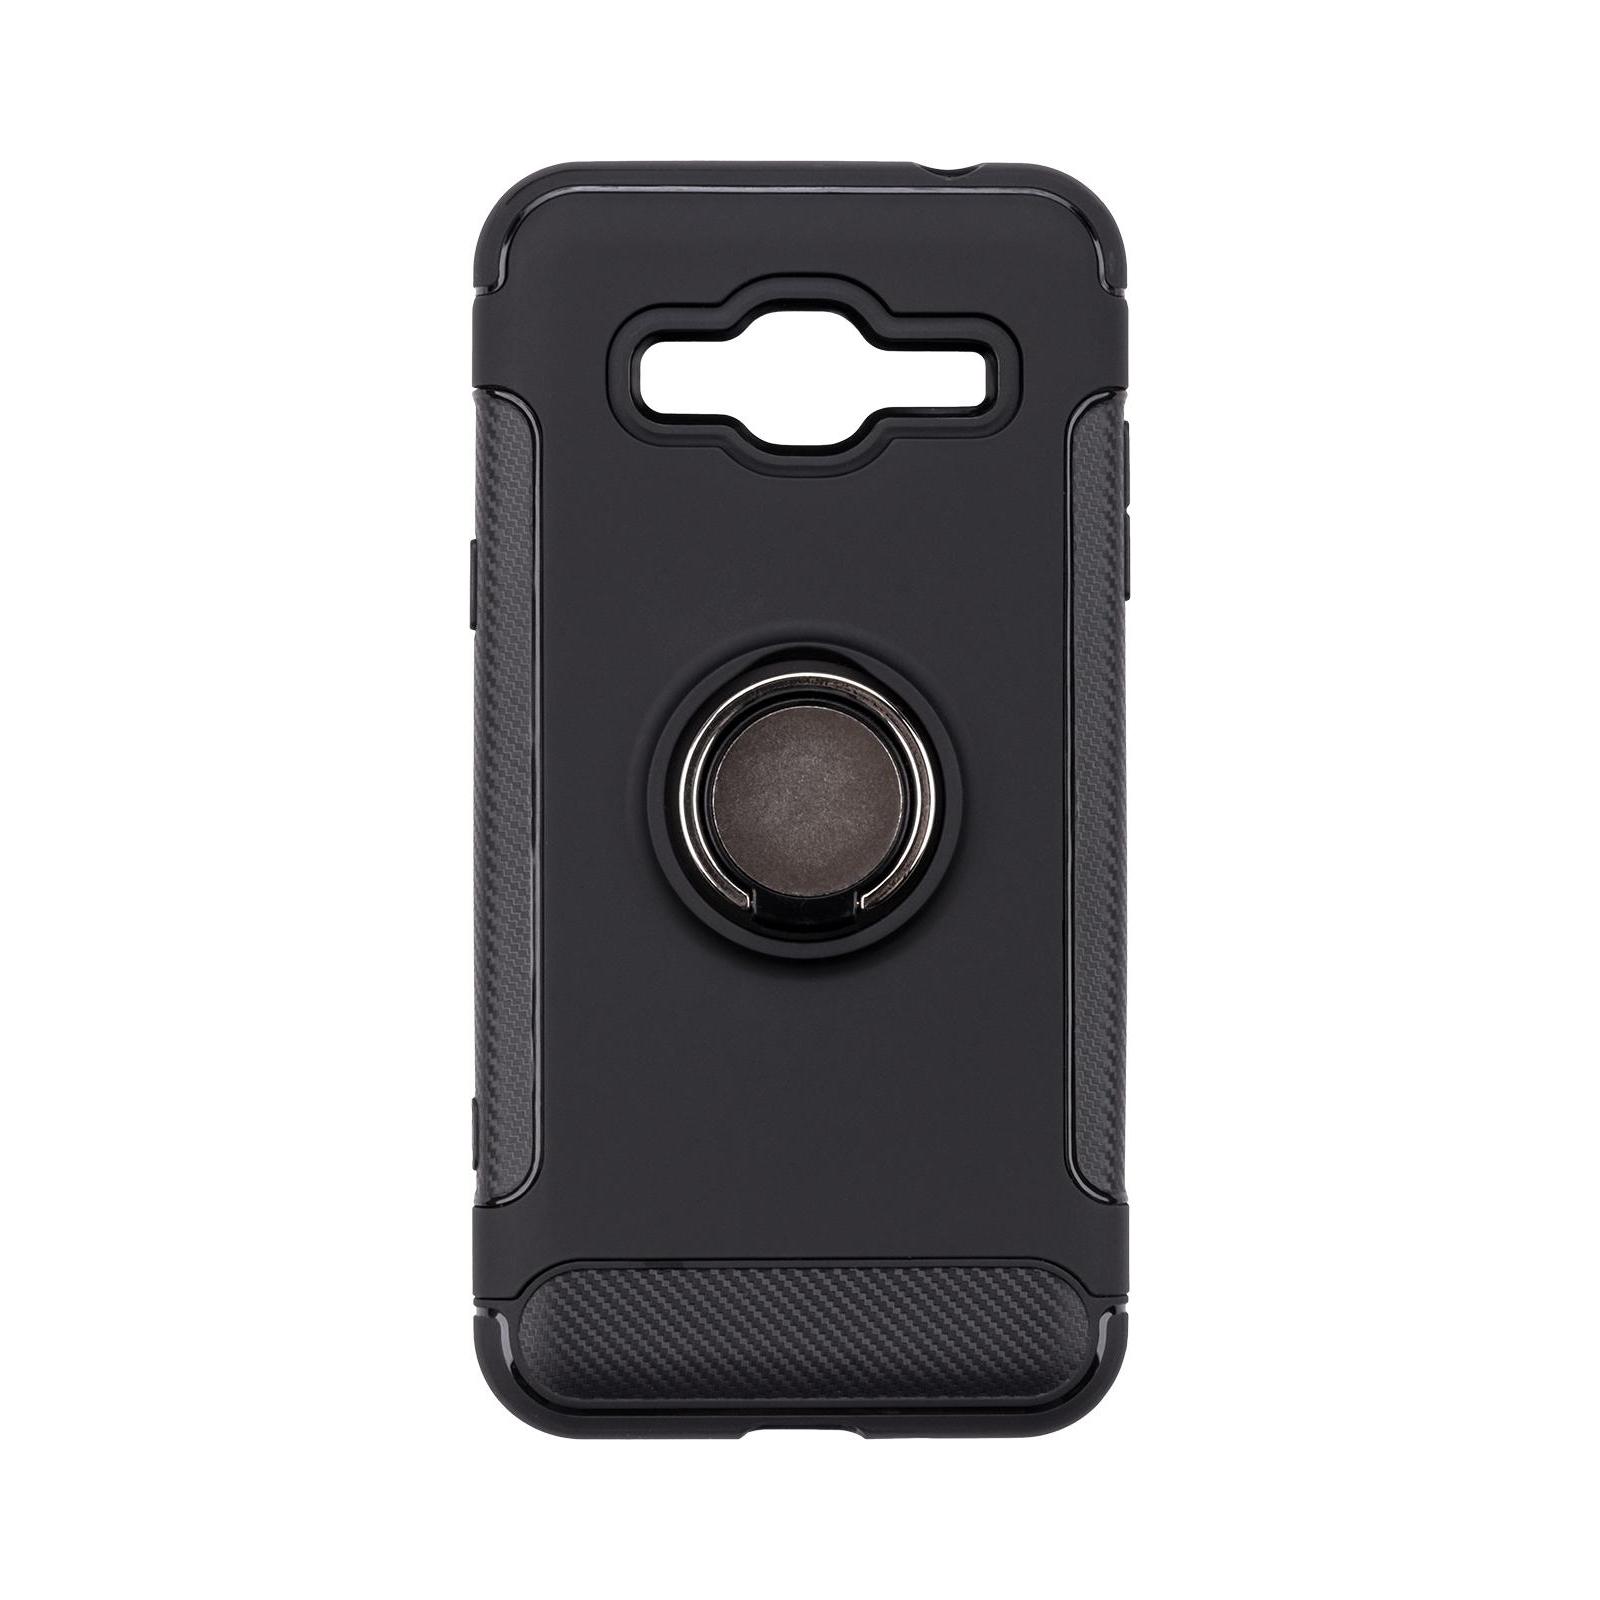 Чехол для моб. телефона Laudtec для Samsung J3 2016/J320 Ring stand (black) (LR-J320-BC) изображение 9